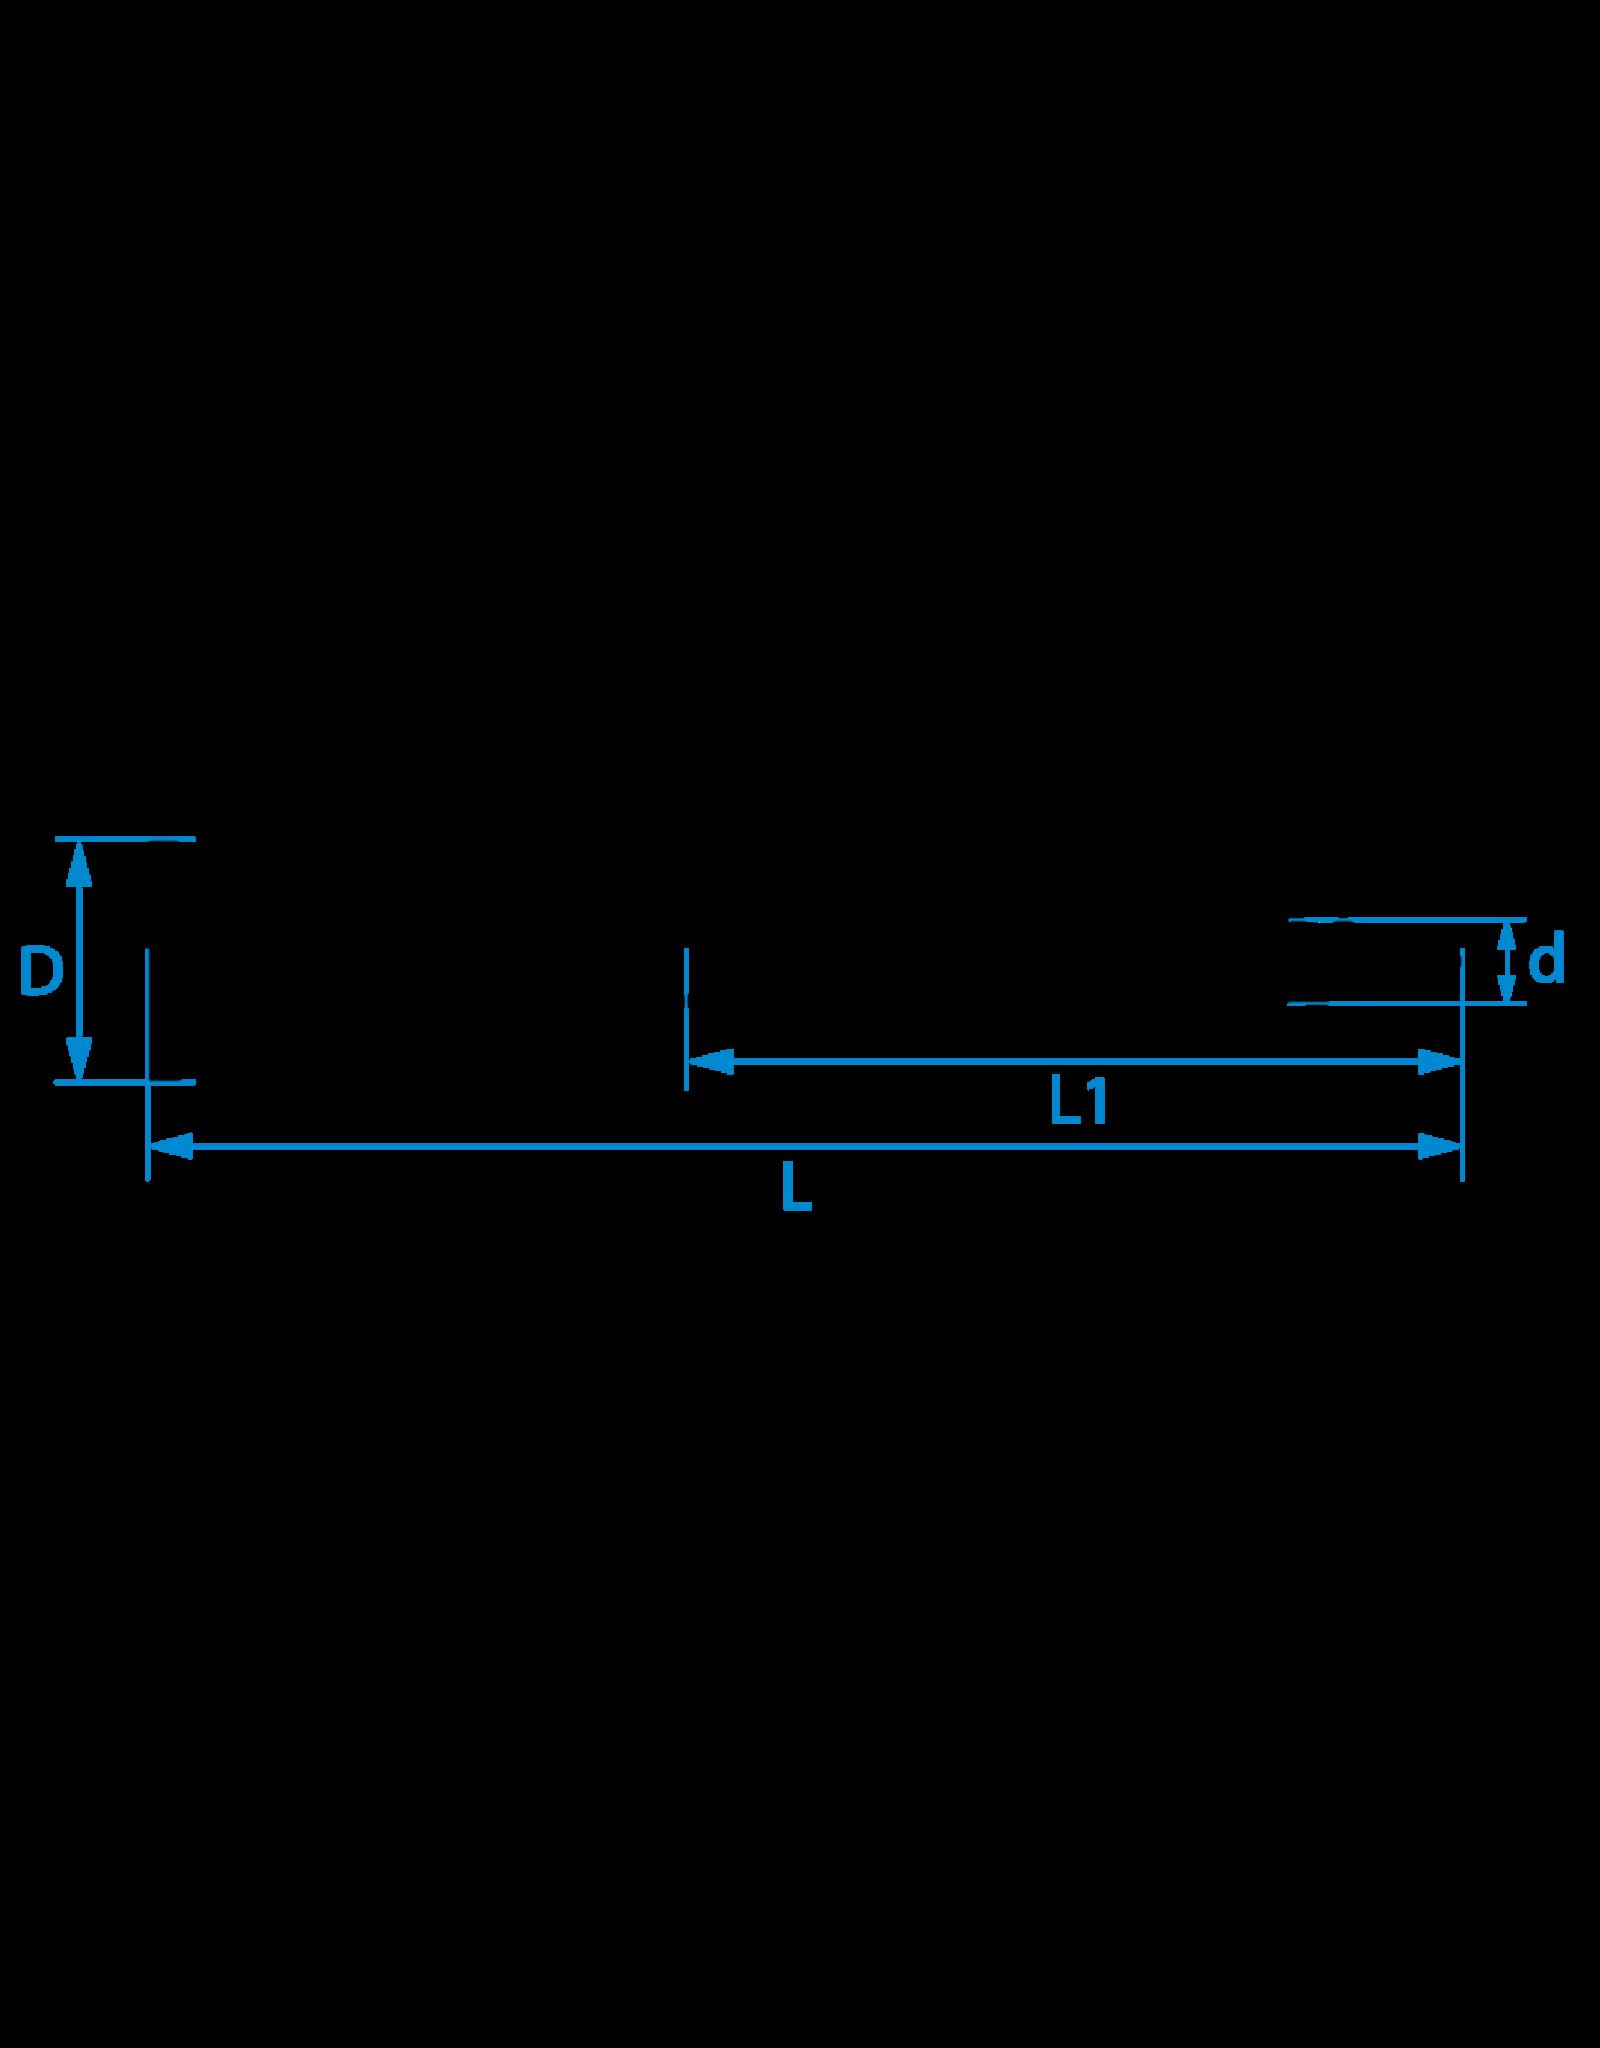 Spaanplaatschroeven platkop 4.5x45 TX-20 staal gehard verzinkt per 200 stuks